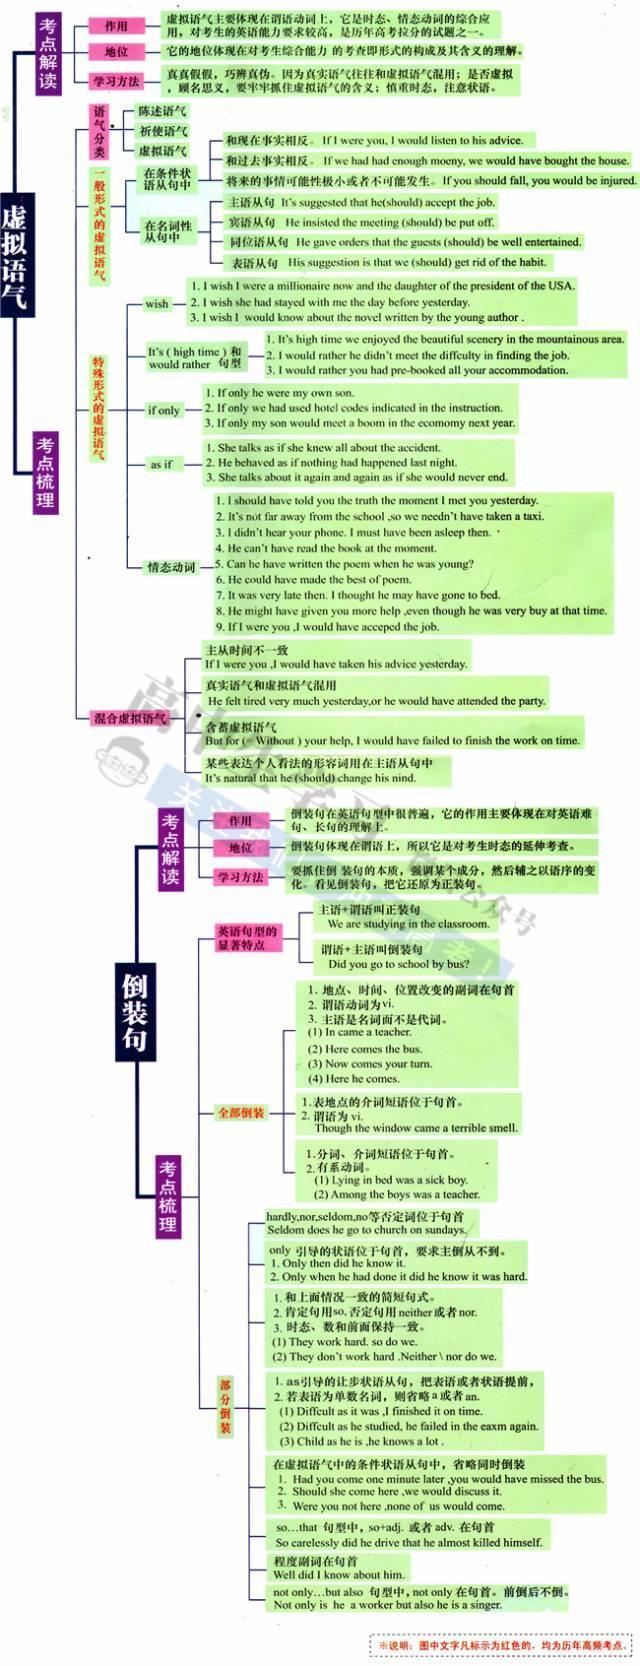 高一英语知识点归纳_高中英语最全语法思维导图,系统的整理高中所有知识点,转给 ...